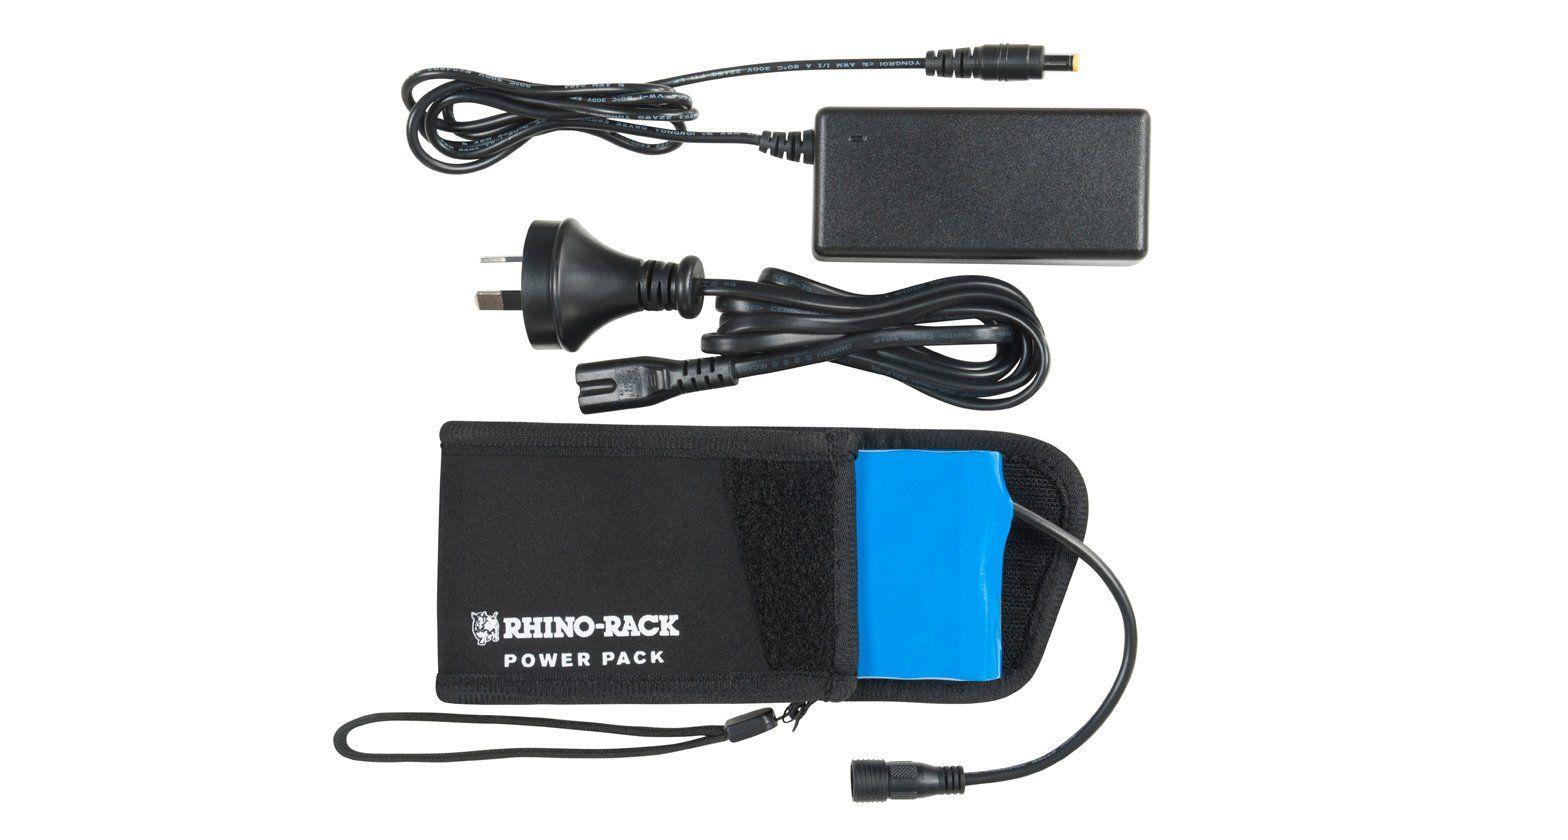 RhinoRack LEDKIT9 LED Battery Power Pack Kit Power pack